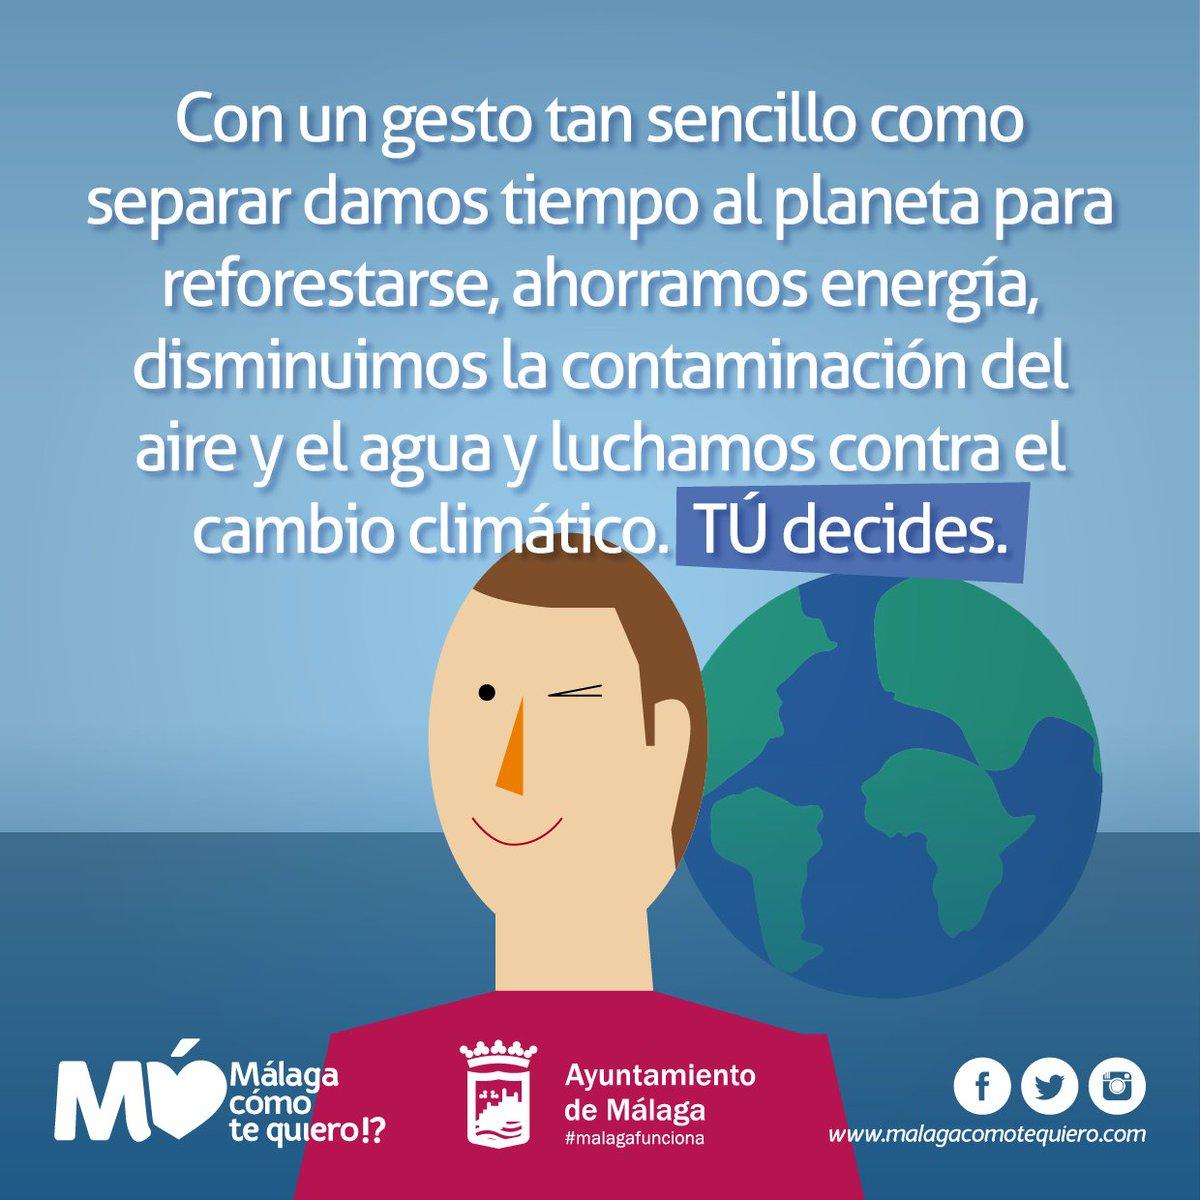 Con un gesto tan sencillo como separar los residuos damos tiempo al planeta para reforestarse, ahorramos energía, disminuimos la contaminación del aire y el agua y luchamos contra el cambio climático. TÚ decides. #CuidaMálaga. #ReflexionesMCTQ